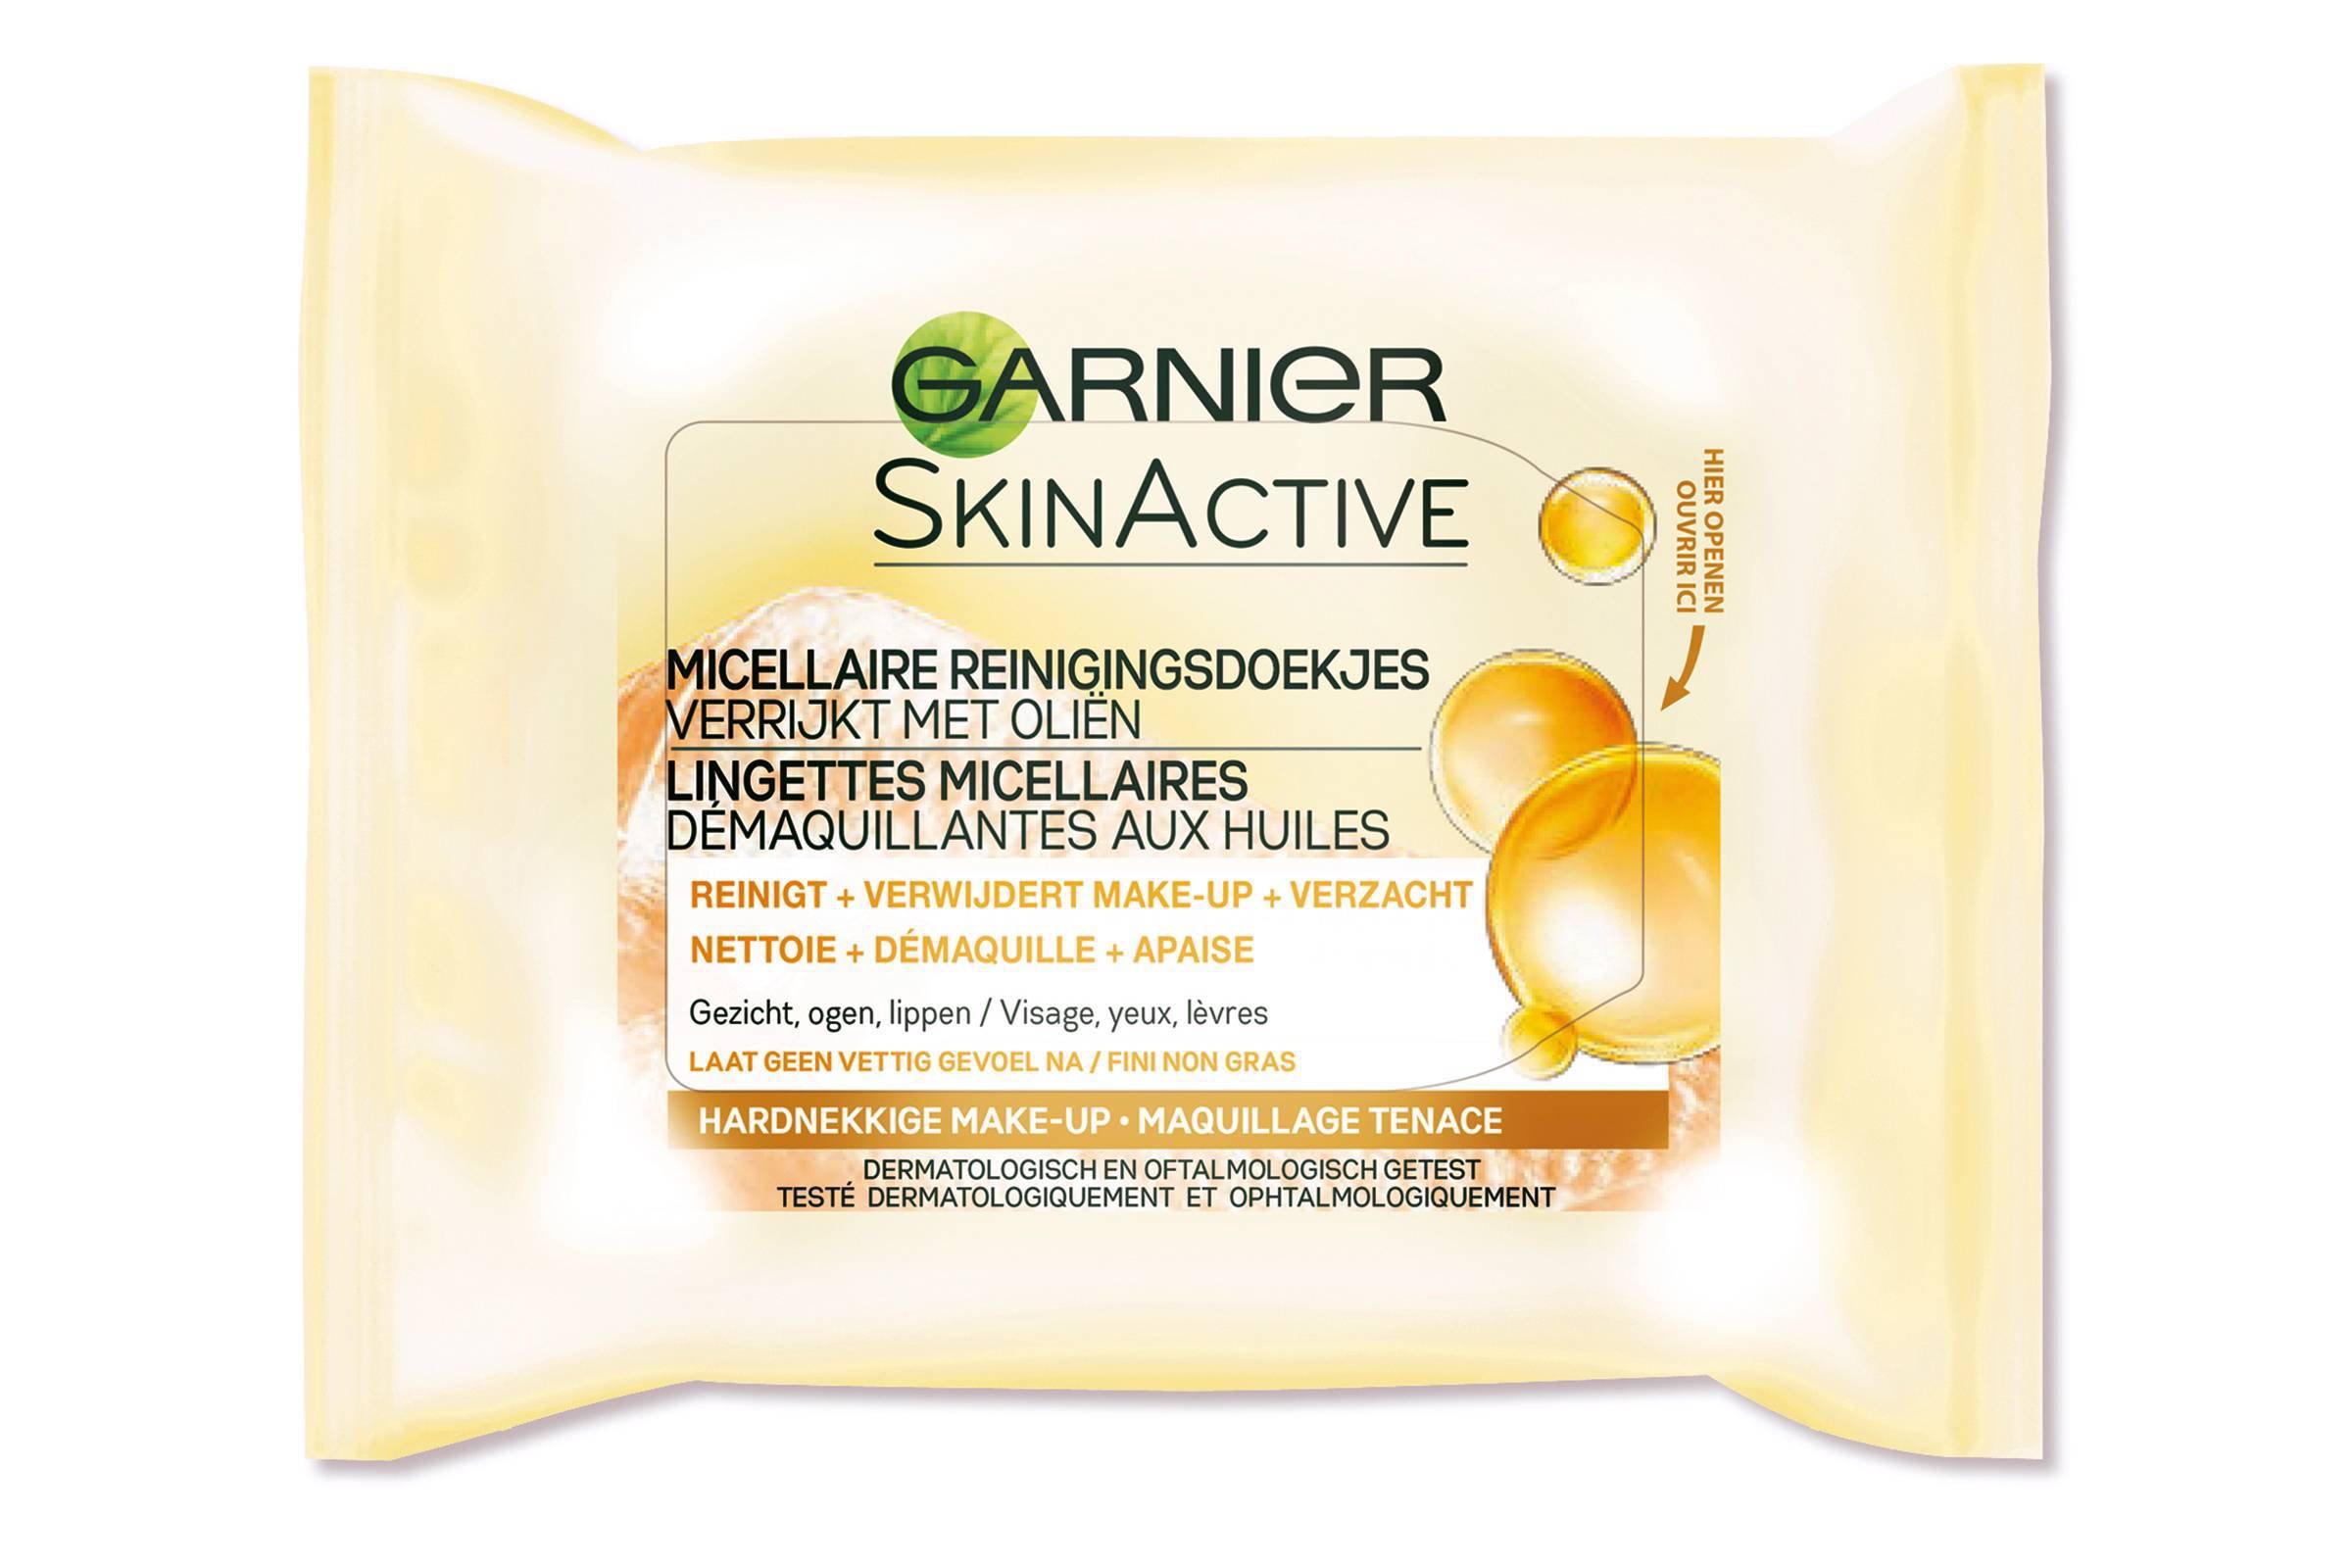 Garnier Skinactive Micellaire Reinigingsdoekjes Verrijkt met Oliën - 25 stuks